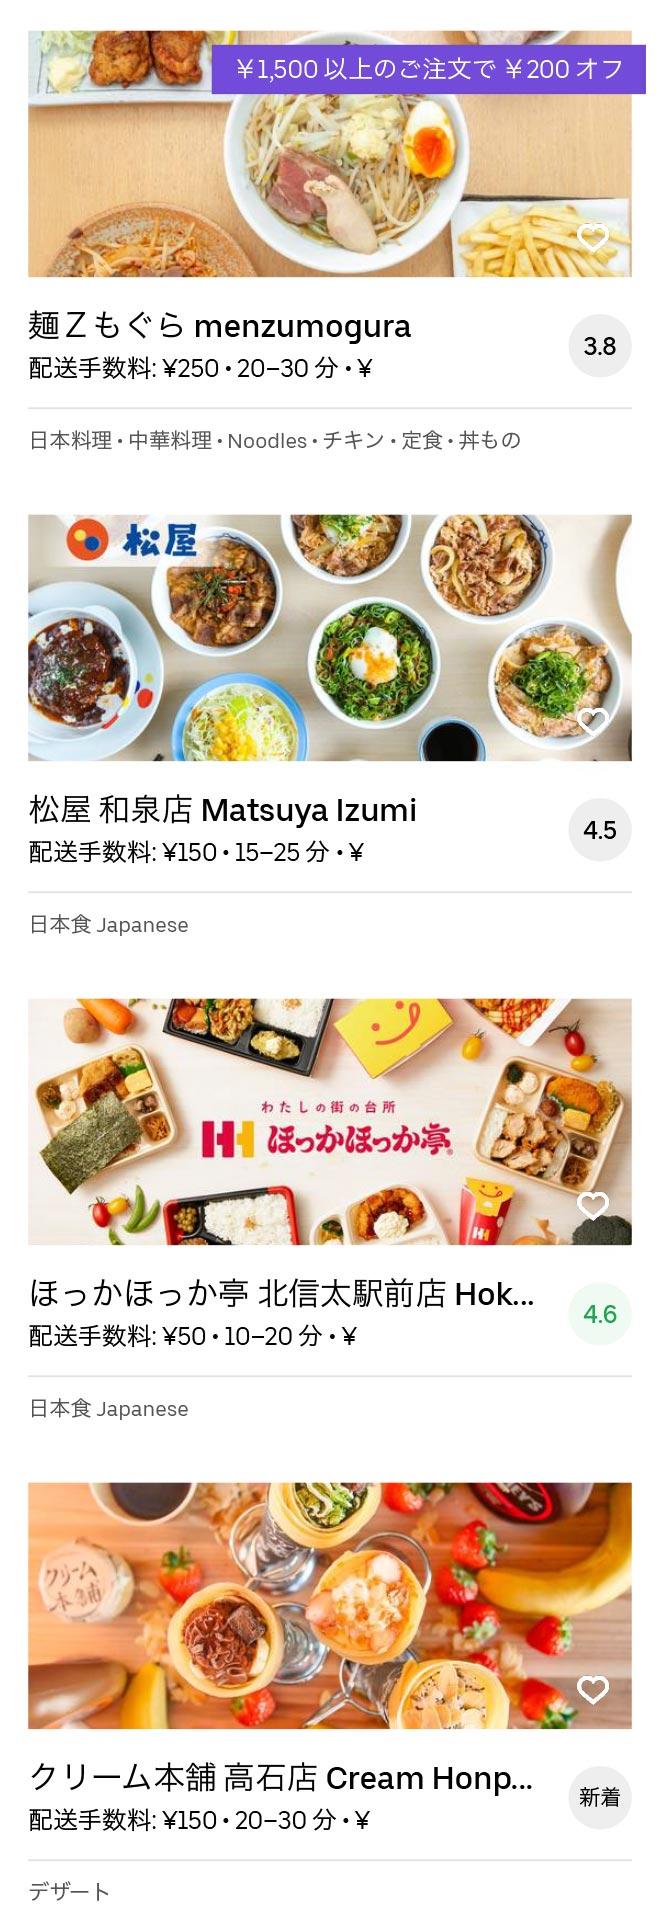 Izumi kitashinoda menu 2005 03